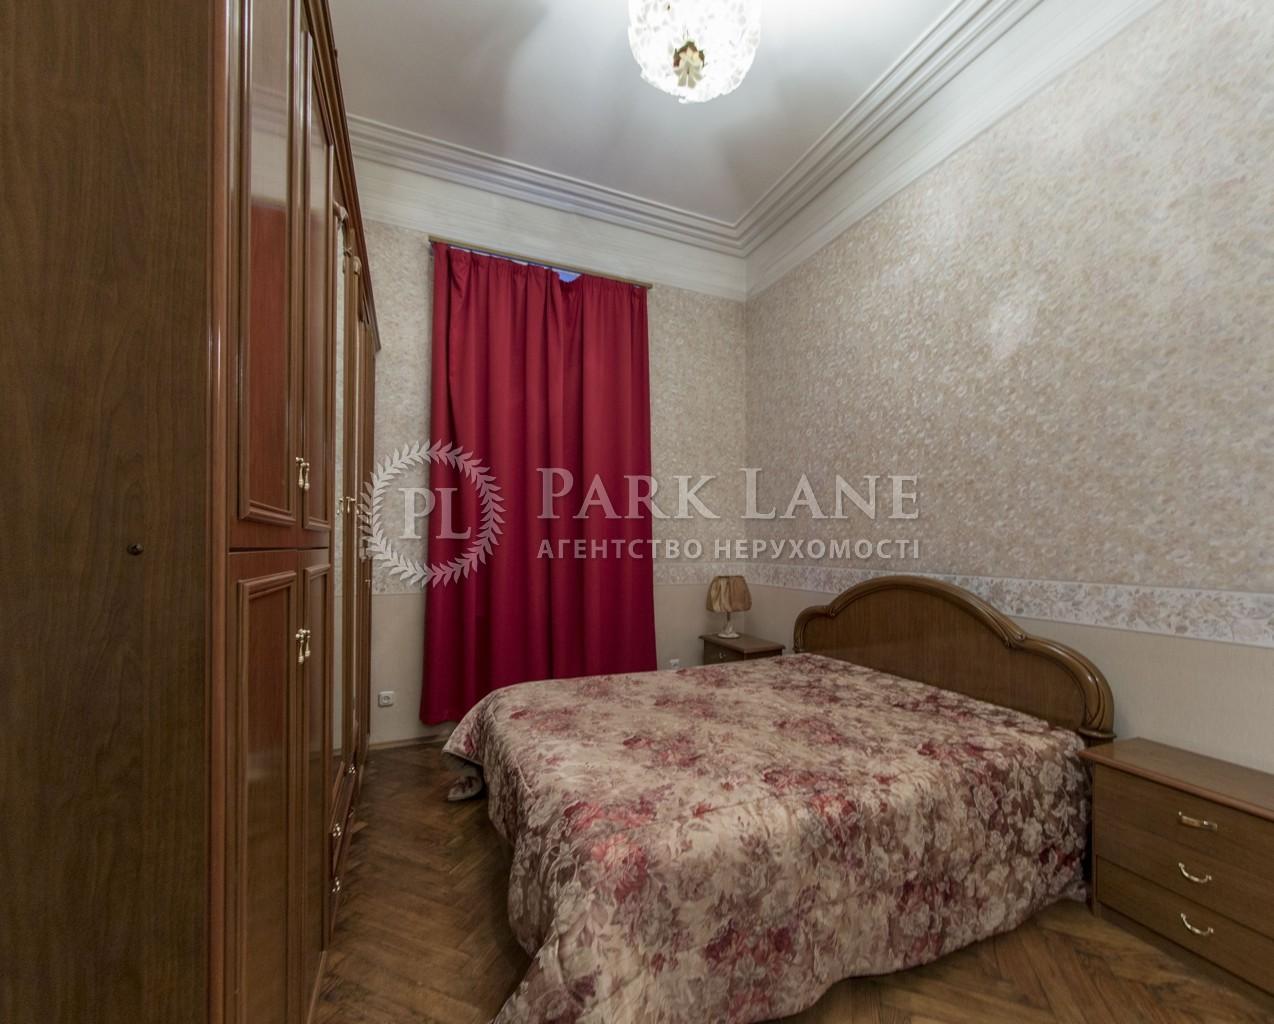 Квартира вул. Ярославів Вал, 14г, Київ, J-22140 - Фото 9